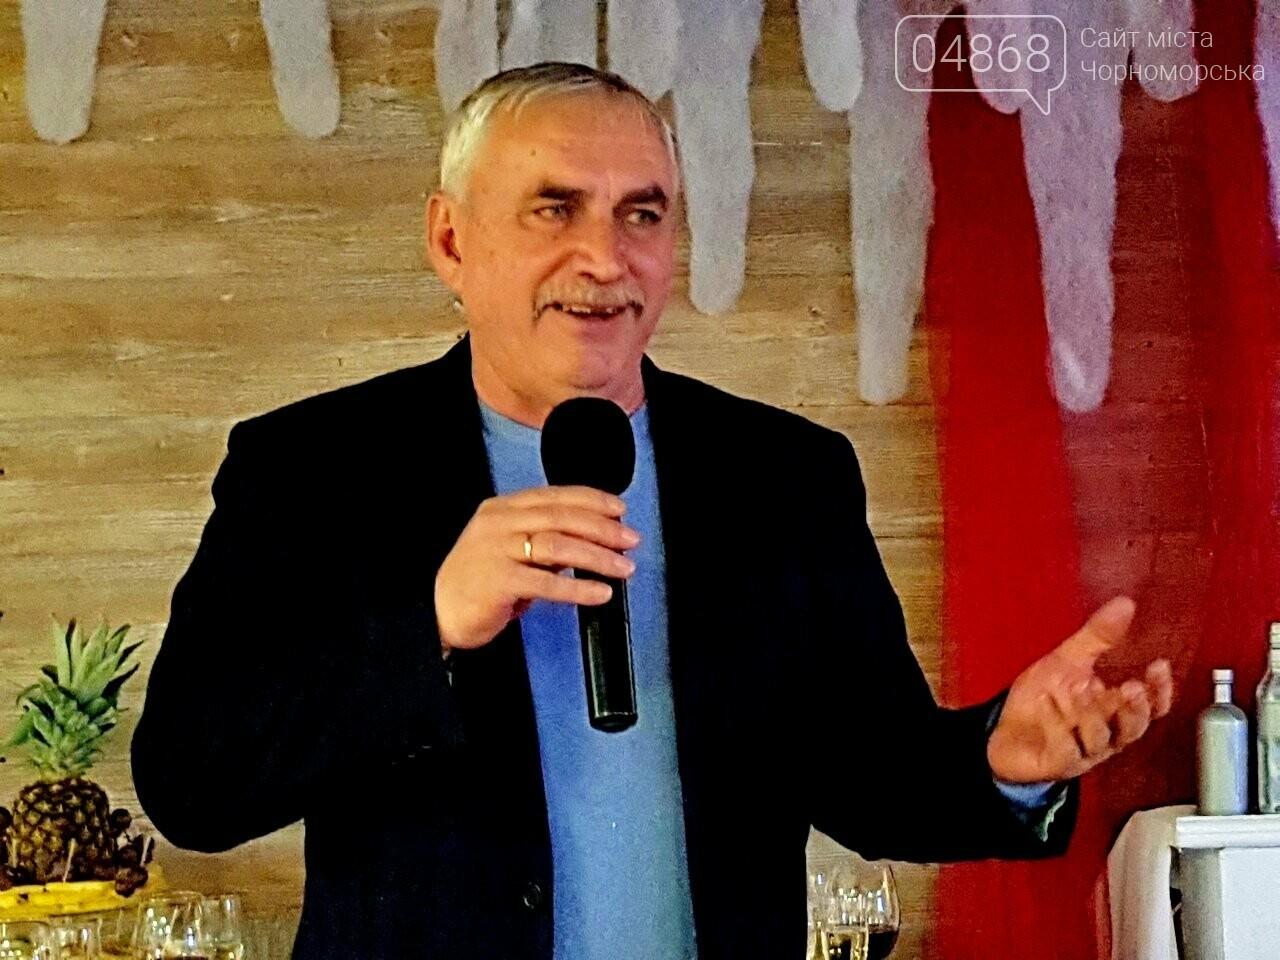 Руководство Ильичевского судоремонтного завода поздравляет с наступающими праздниками, фото-2